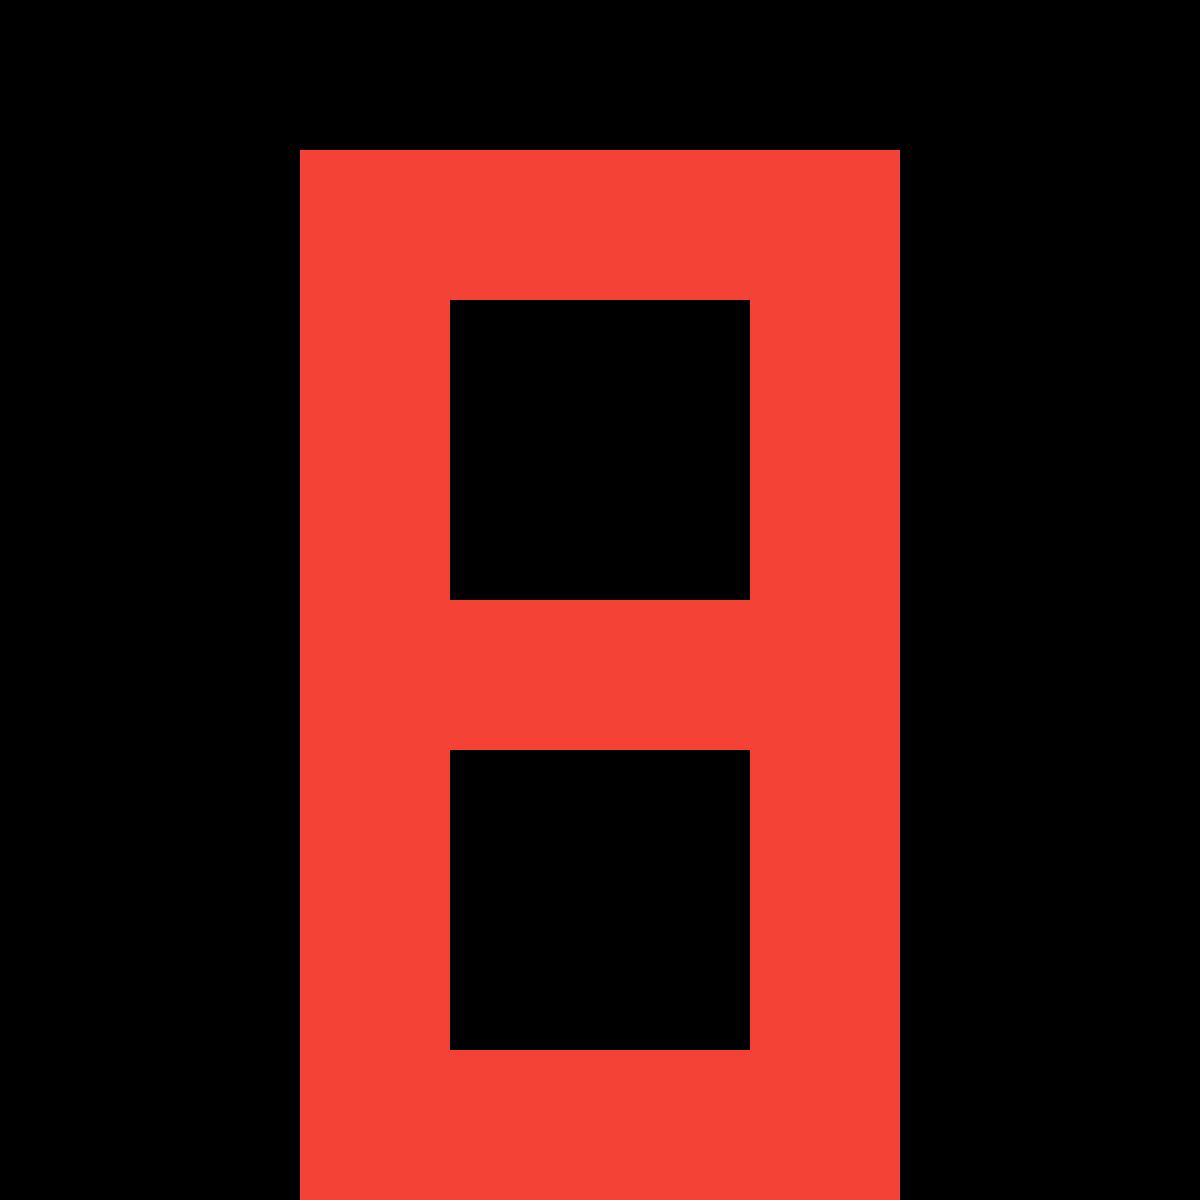 8x8 by Brendan1